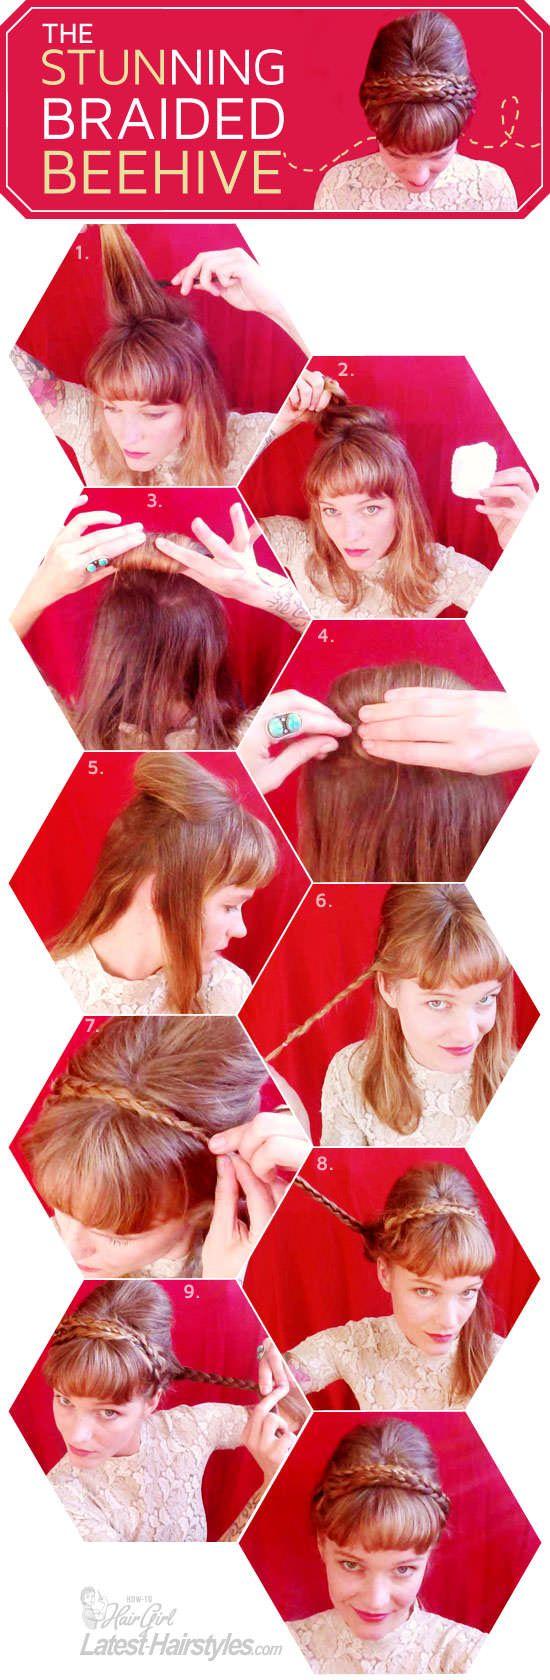 braided beehive hair tutorial